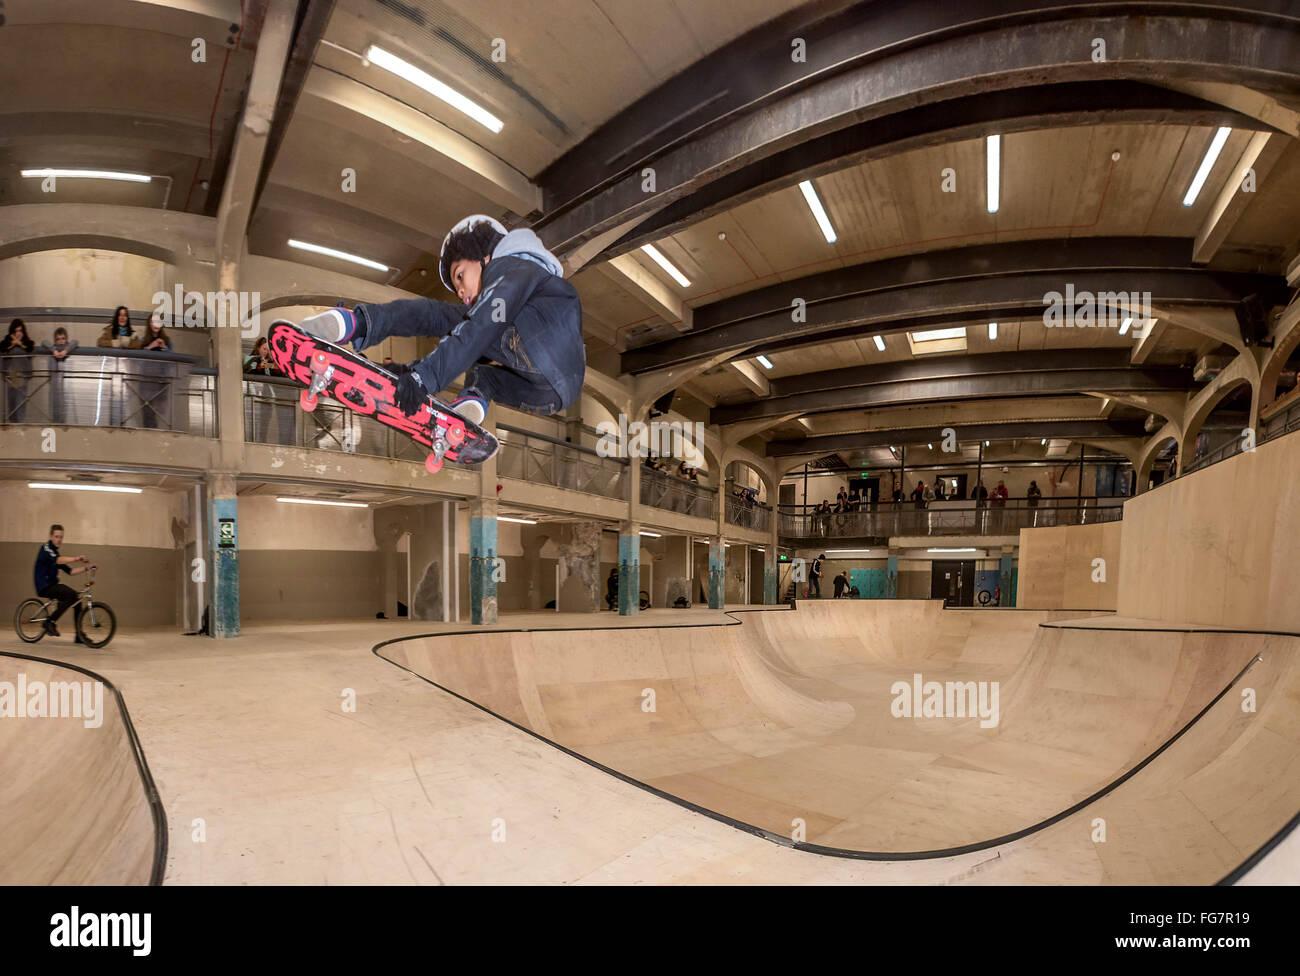 La fonte Park, il più grande del mondo sotterraneo e skate BMX park ha aperto in Hastings, East Sussex. Immagini Stock